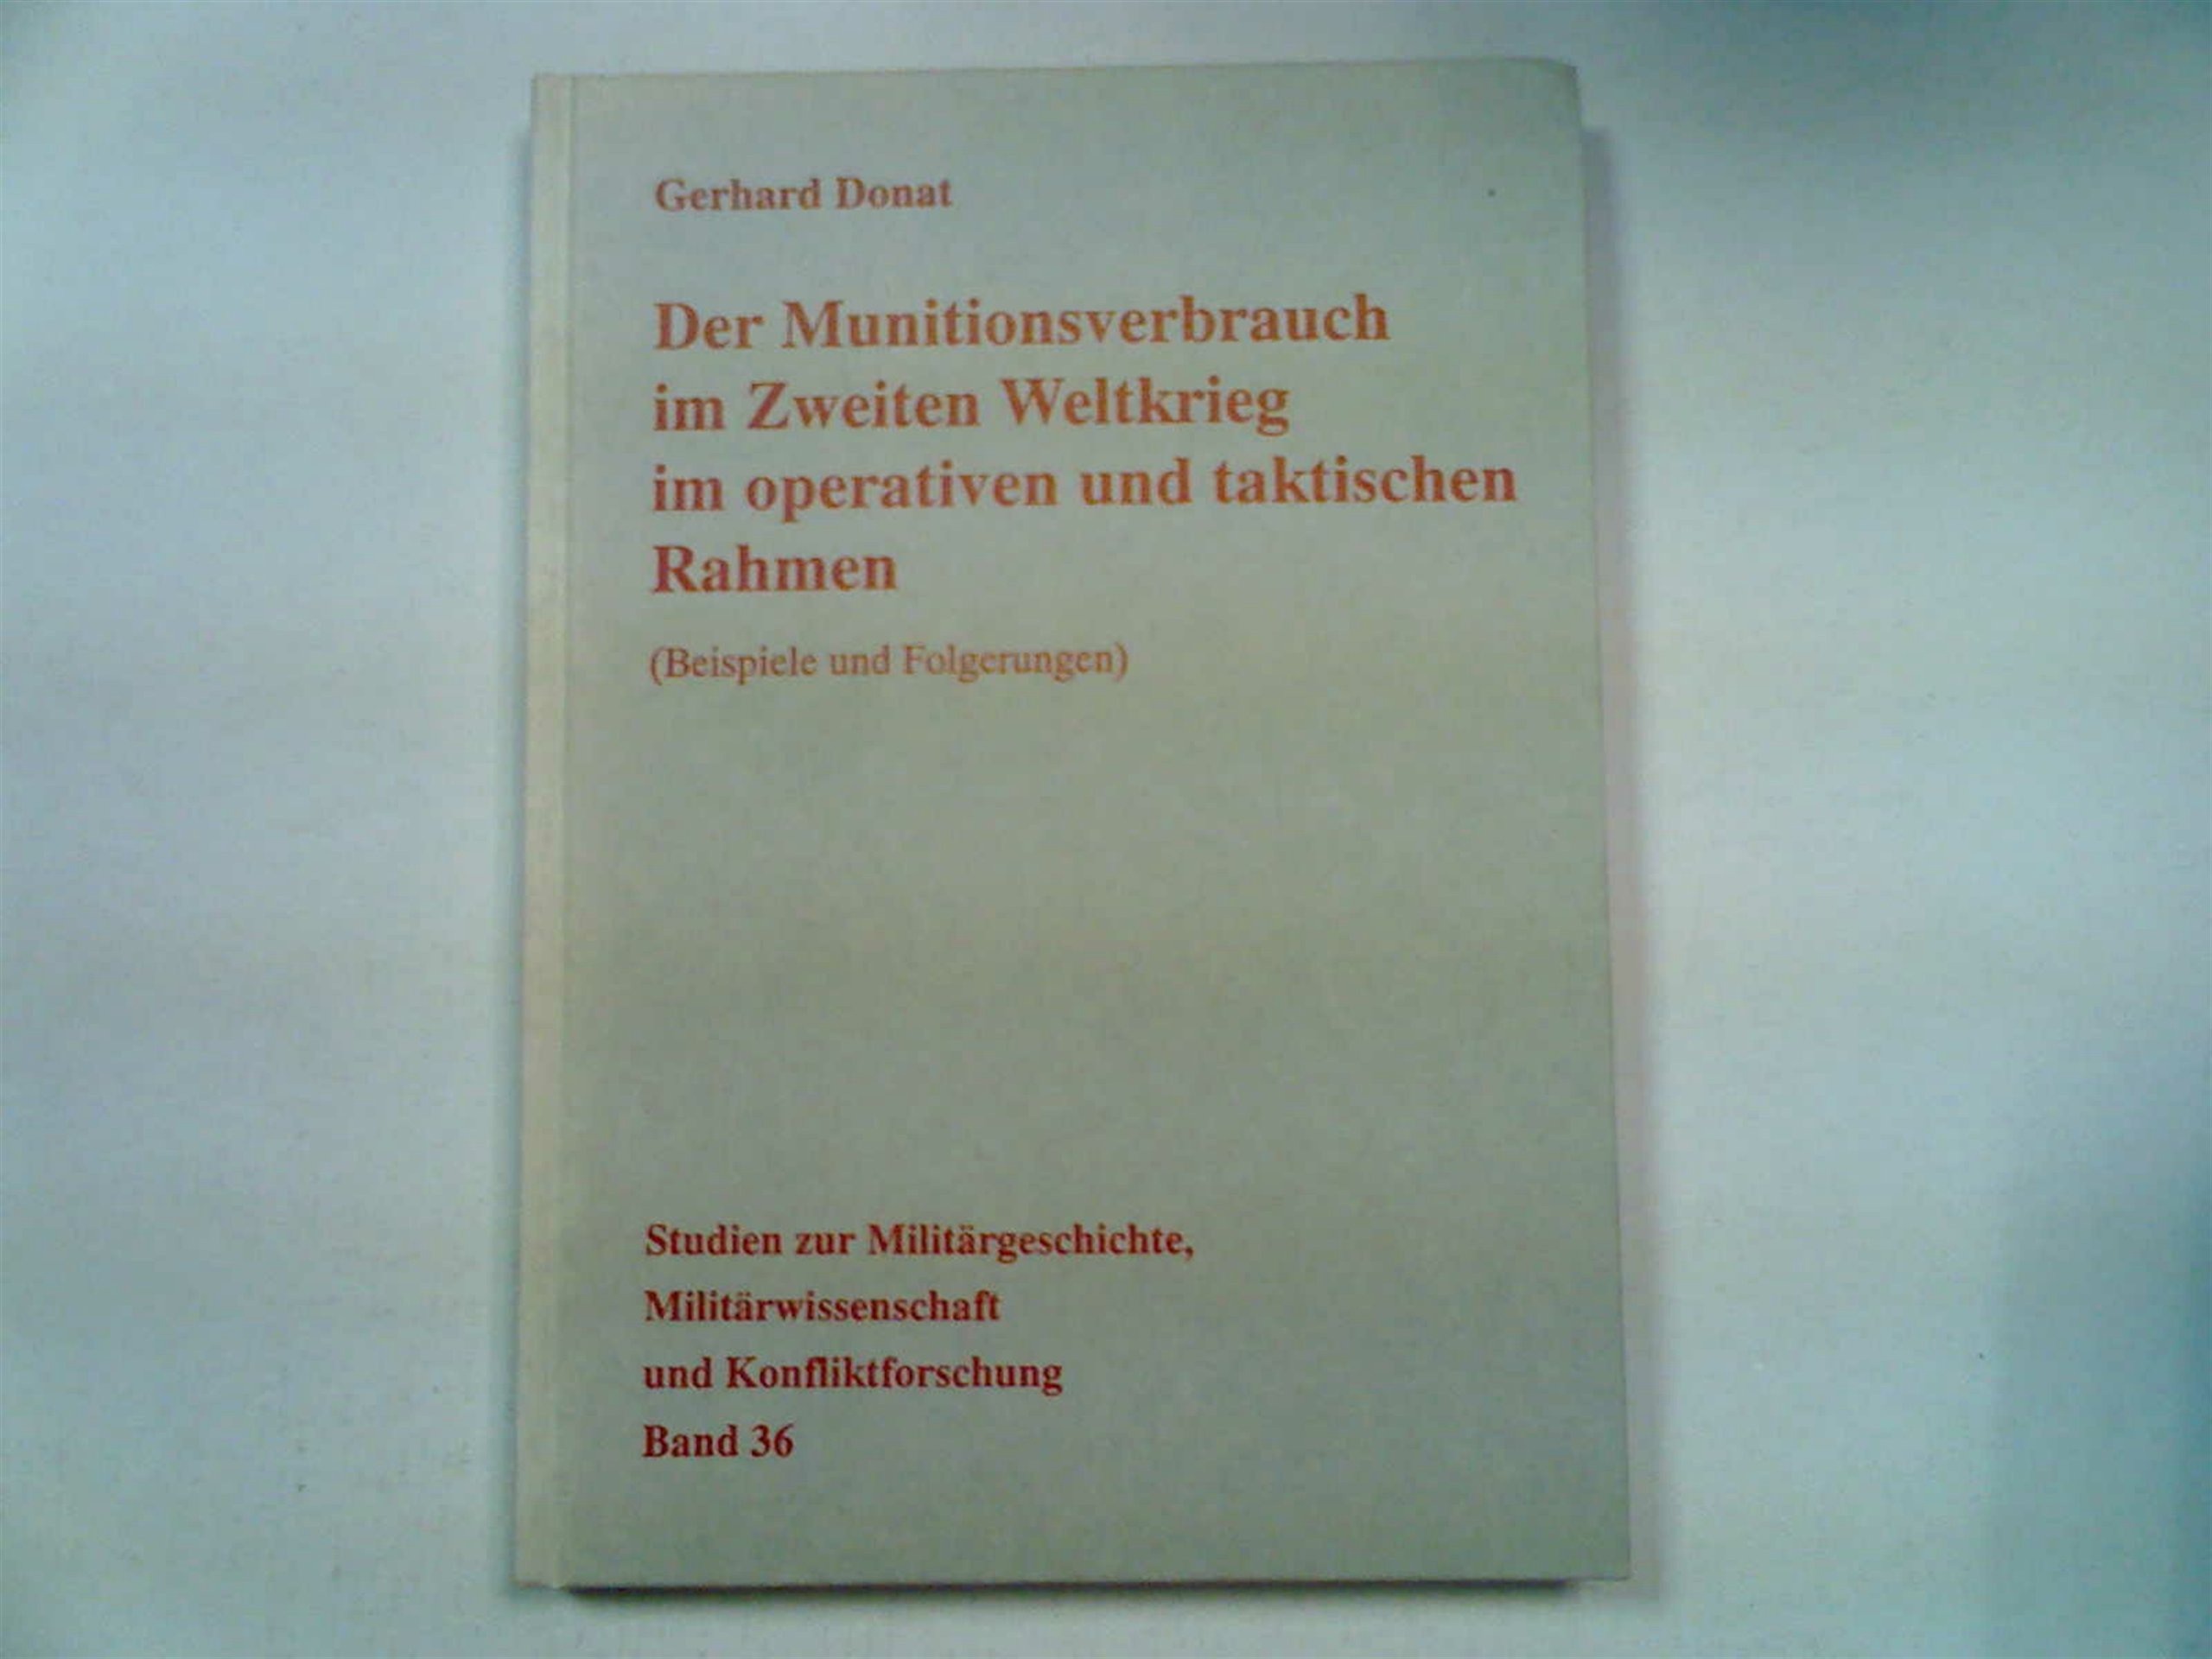 Der Munitionsverbrauch im Zweiten Weltkrieg im operativen und taktischen Rahmen: (Beispiele und Forderungen)